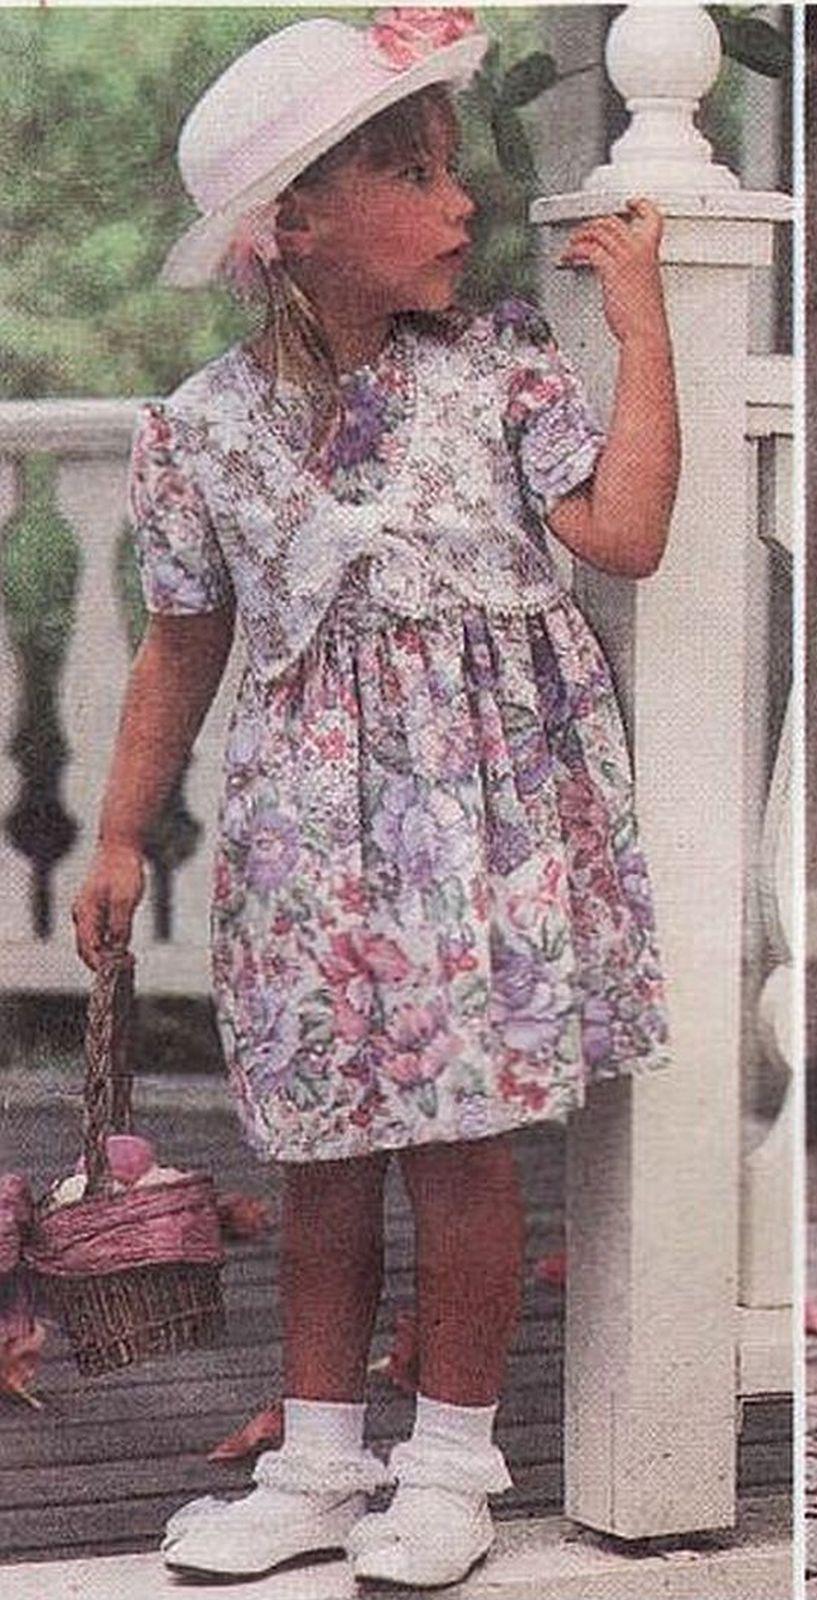 Childs Party Christmas Easter Full Skirt Raised Waistline Dress Sew Pattern 3-6